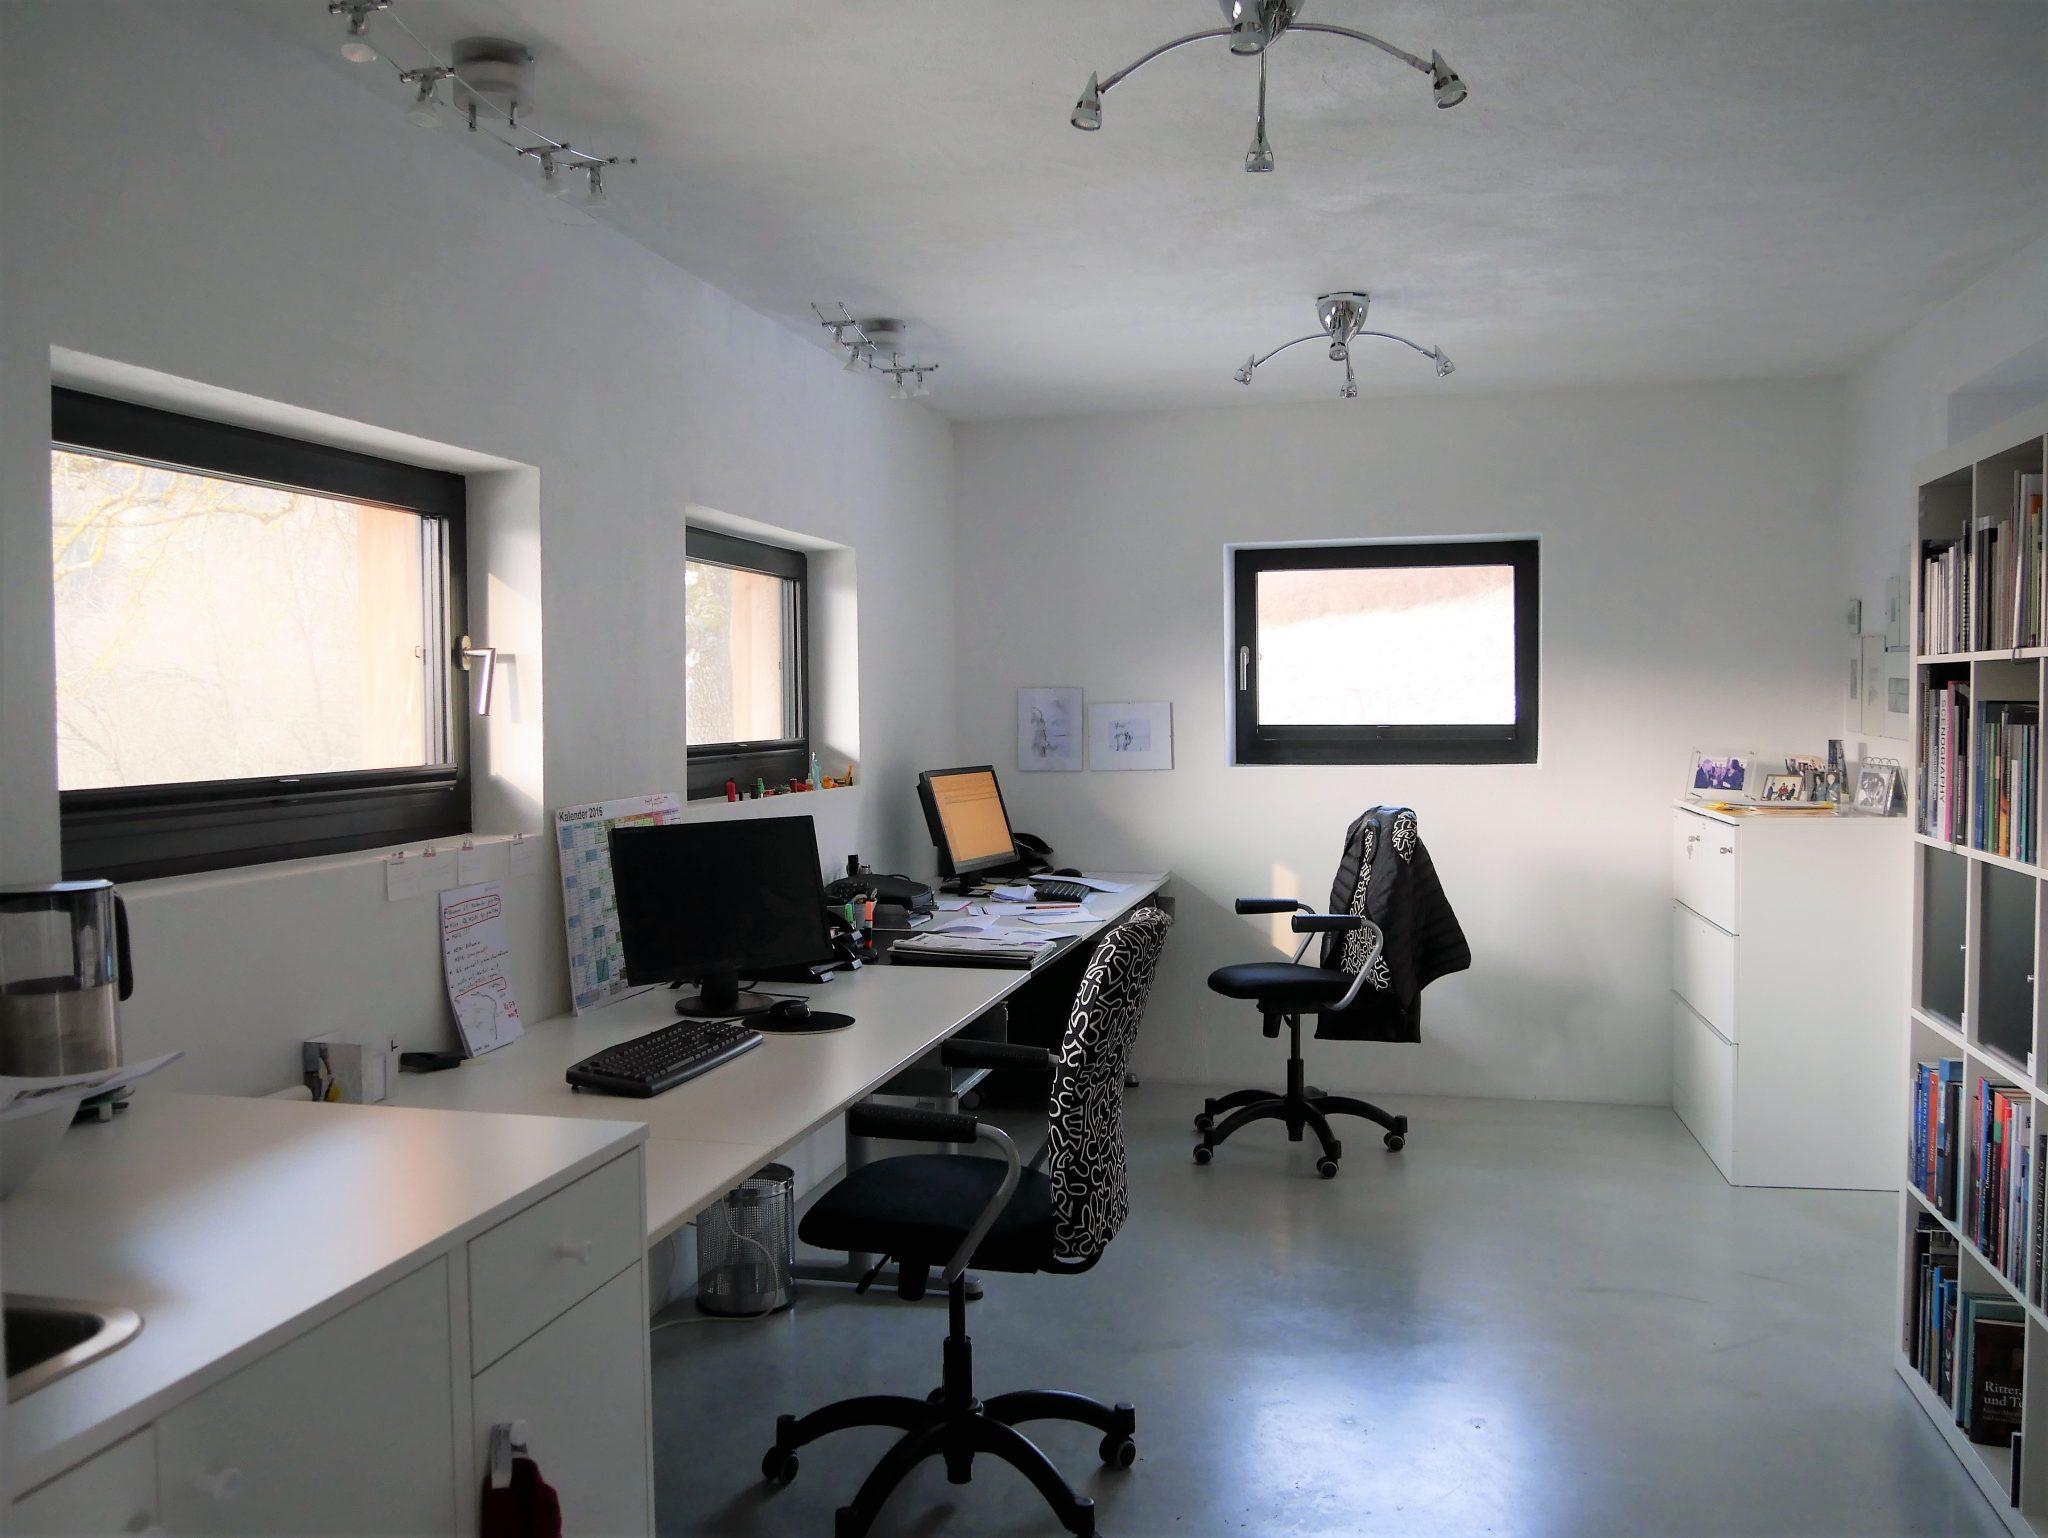 Büro St. Agatha mit Schreibtischzeile links vor hochliegenden Fenstern